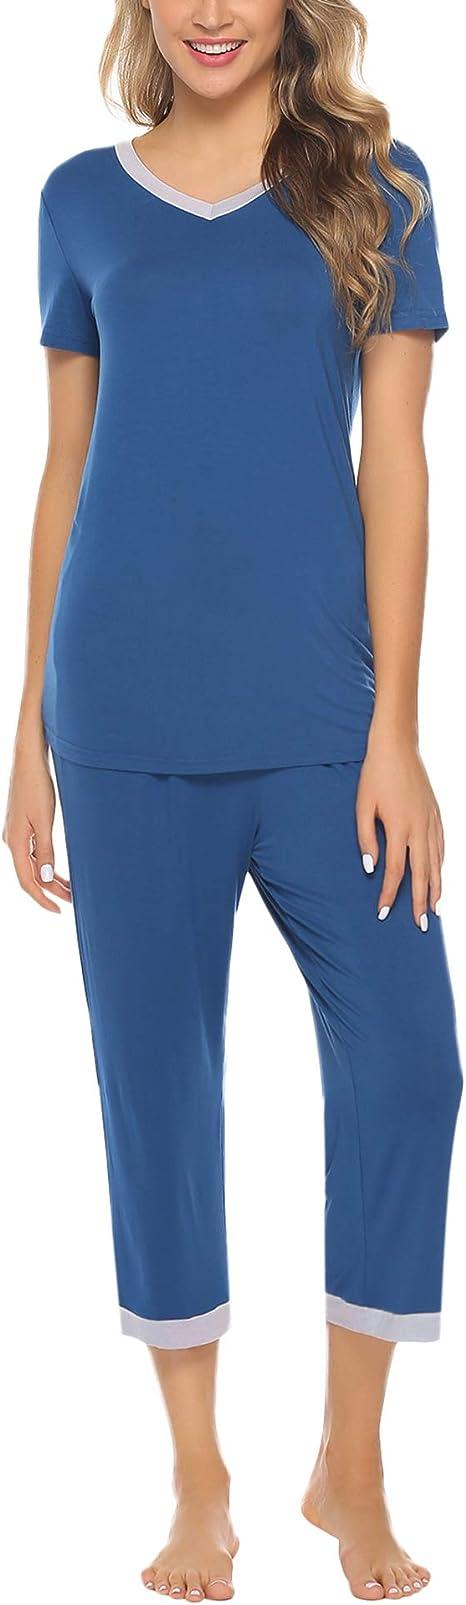 Hawiton Pijamas para Mujer Verano Corto de Algodón Conjunto de Pijamas de Manga Corta 2 Piezas: Amazon.es: Ropa y accesorios